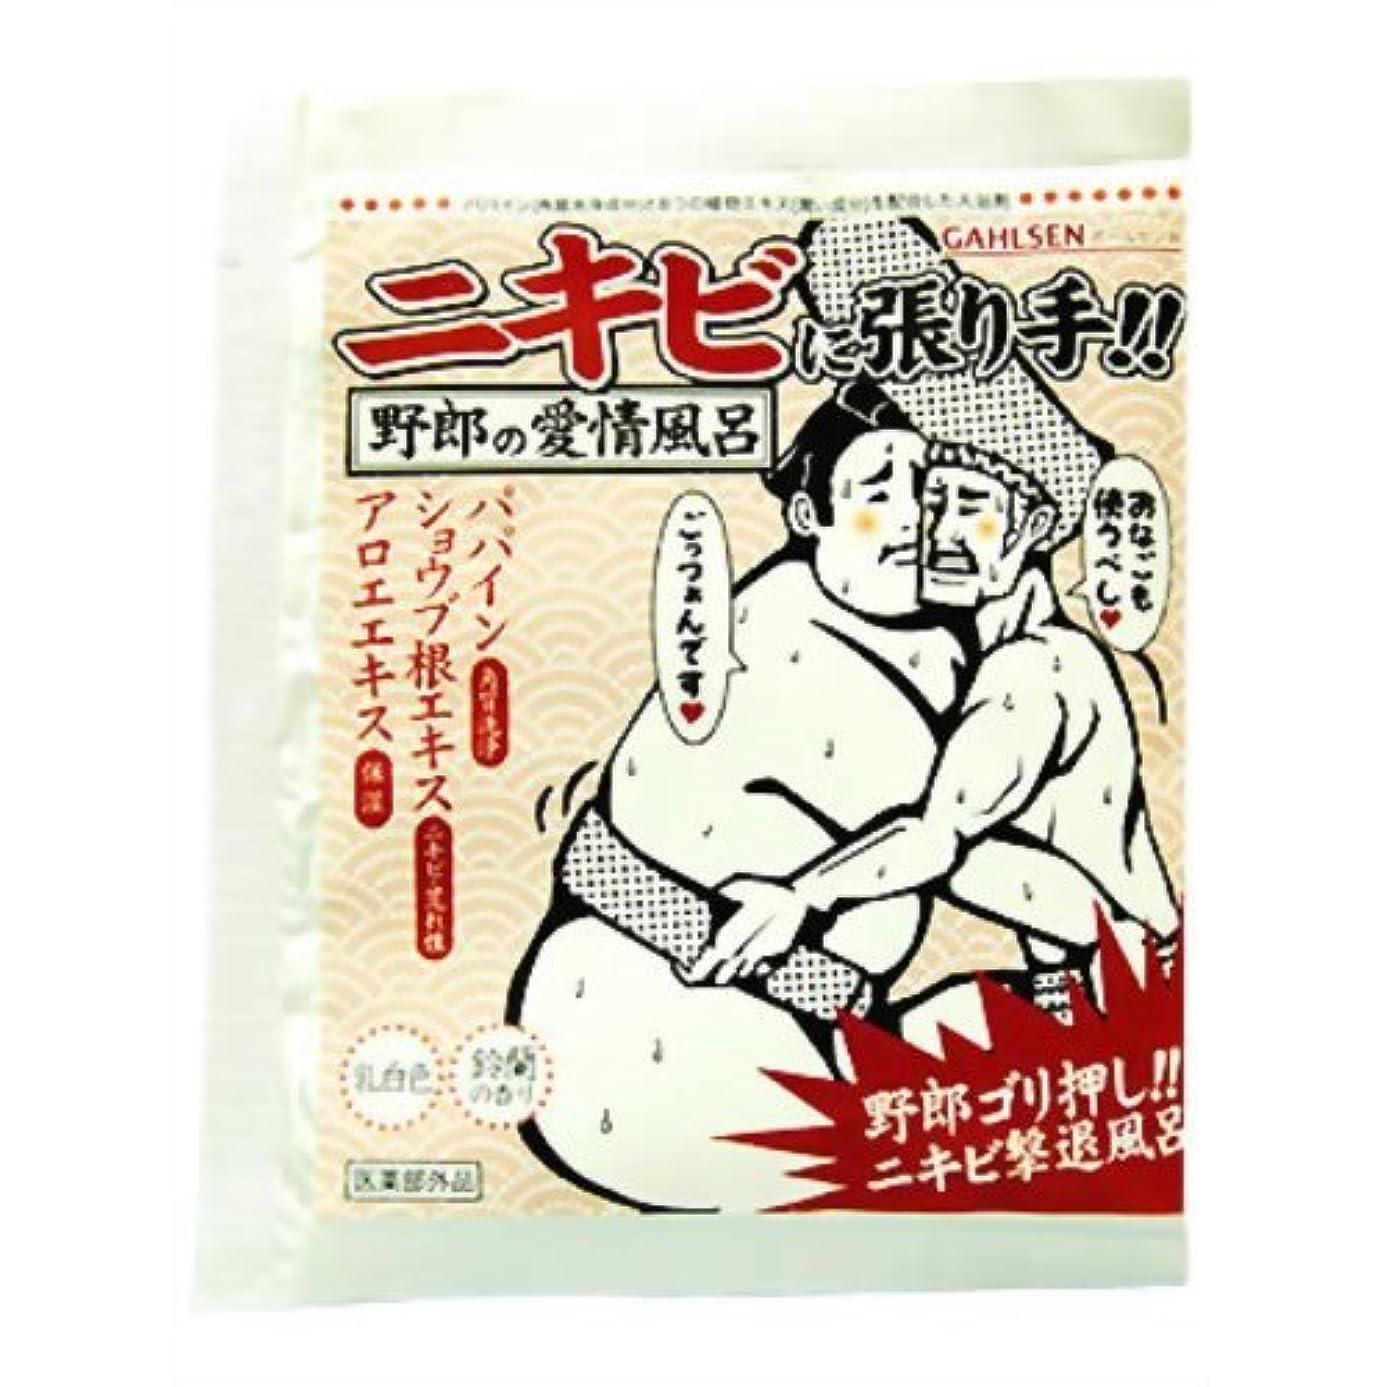 著者差別化するマイナーガールセンW 25g*10袋(入浴剤)